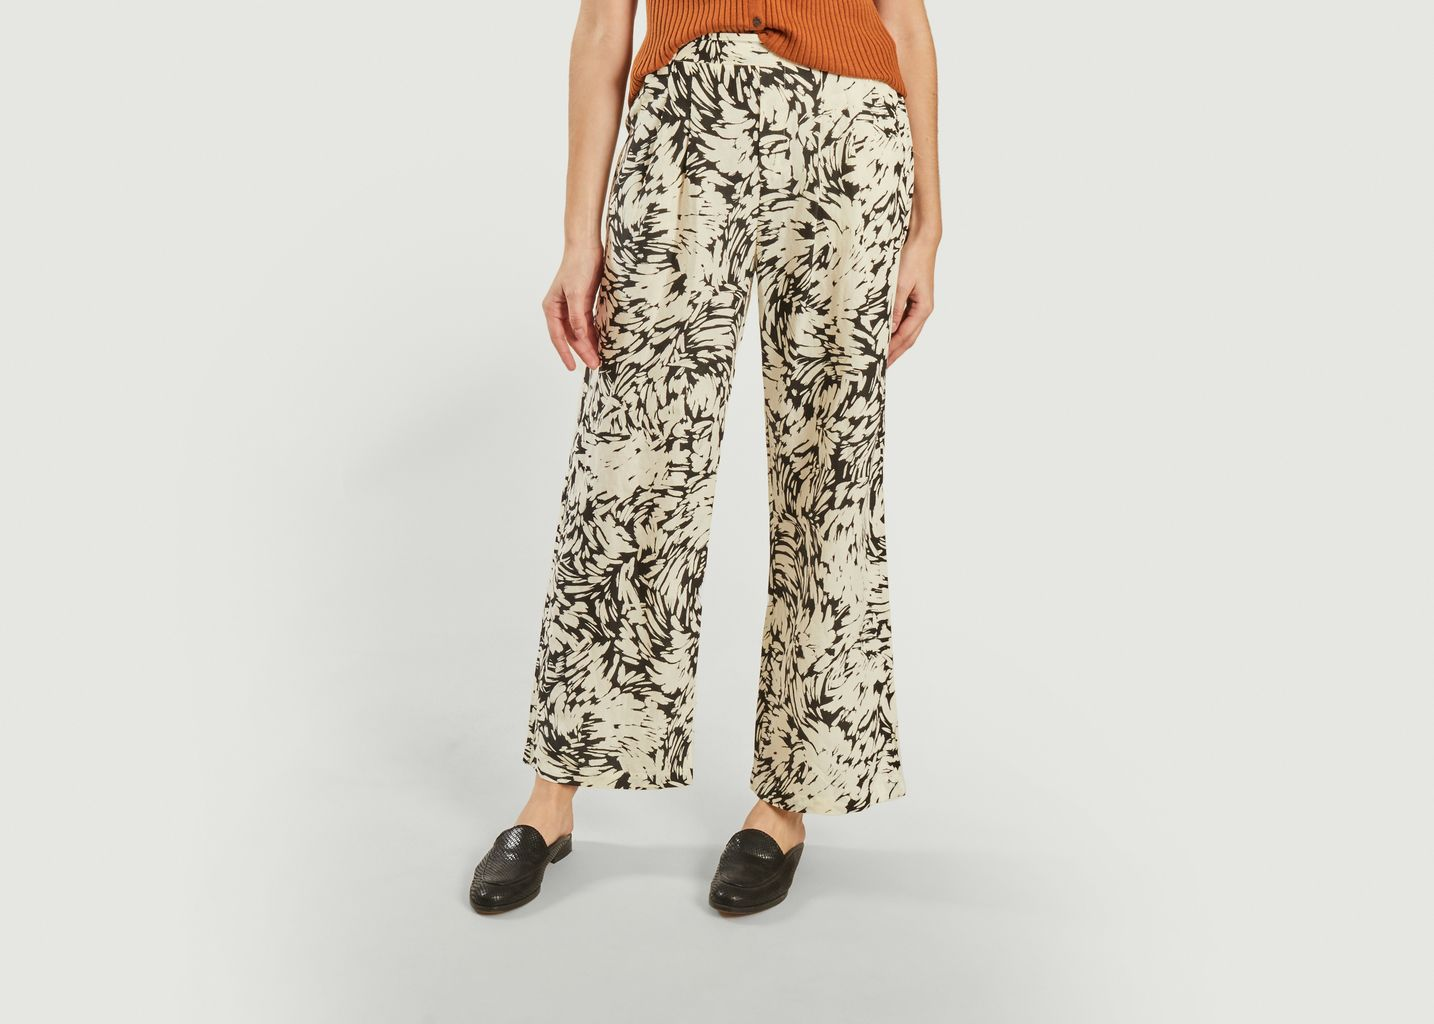 Pantalon Jessie - Suncoo